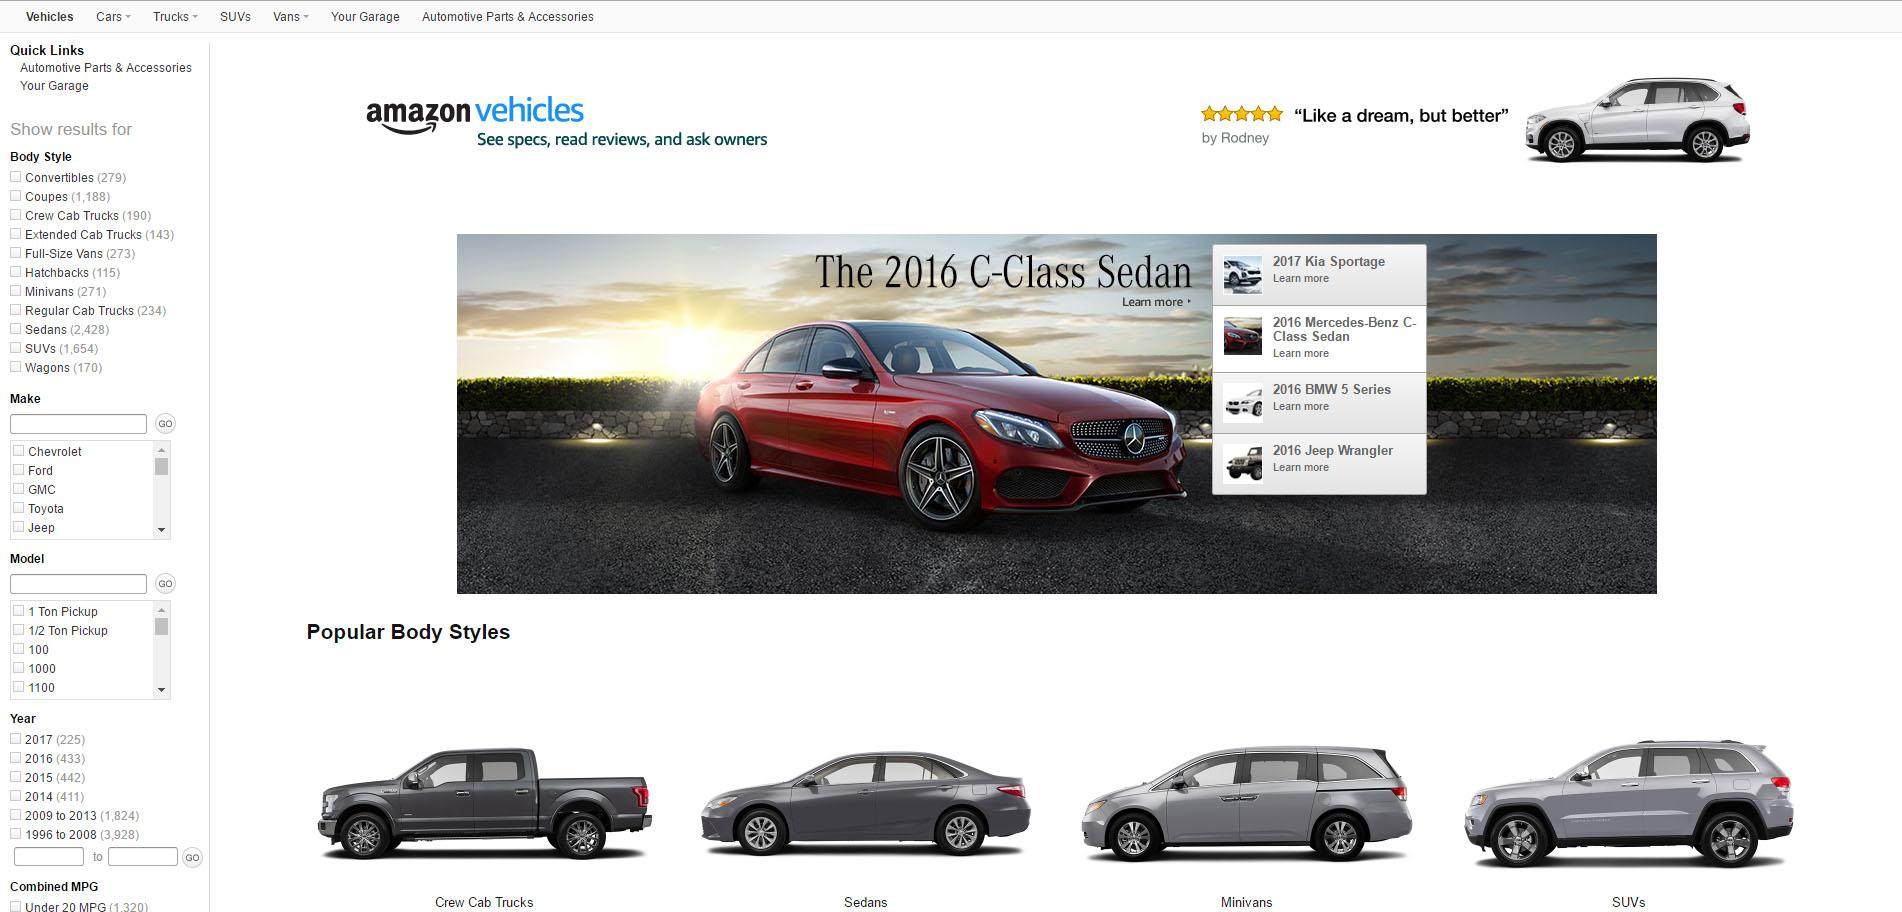 Amazon vehicles amazon vehicles amazon vehicles amazon vehicles